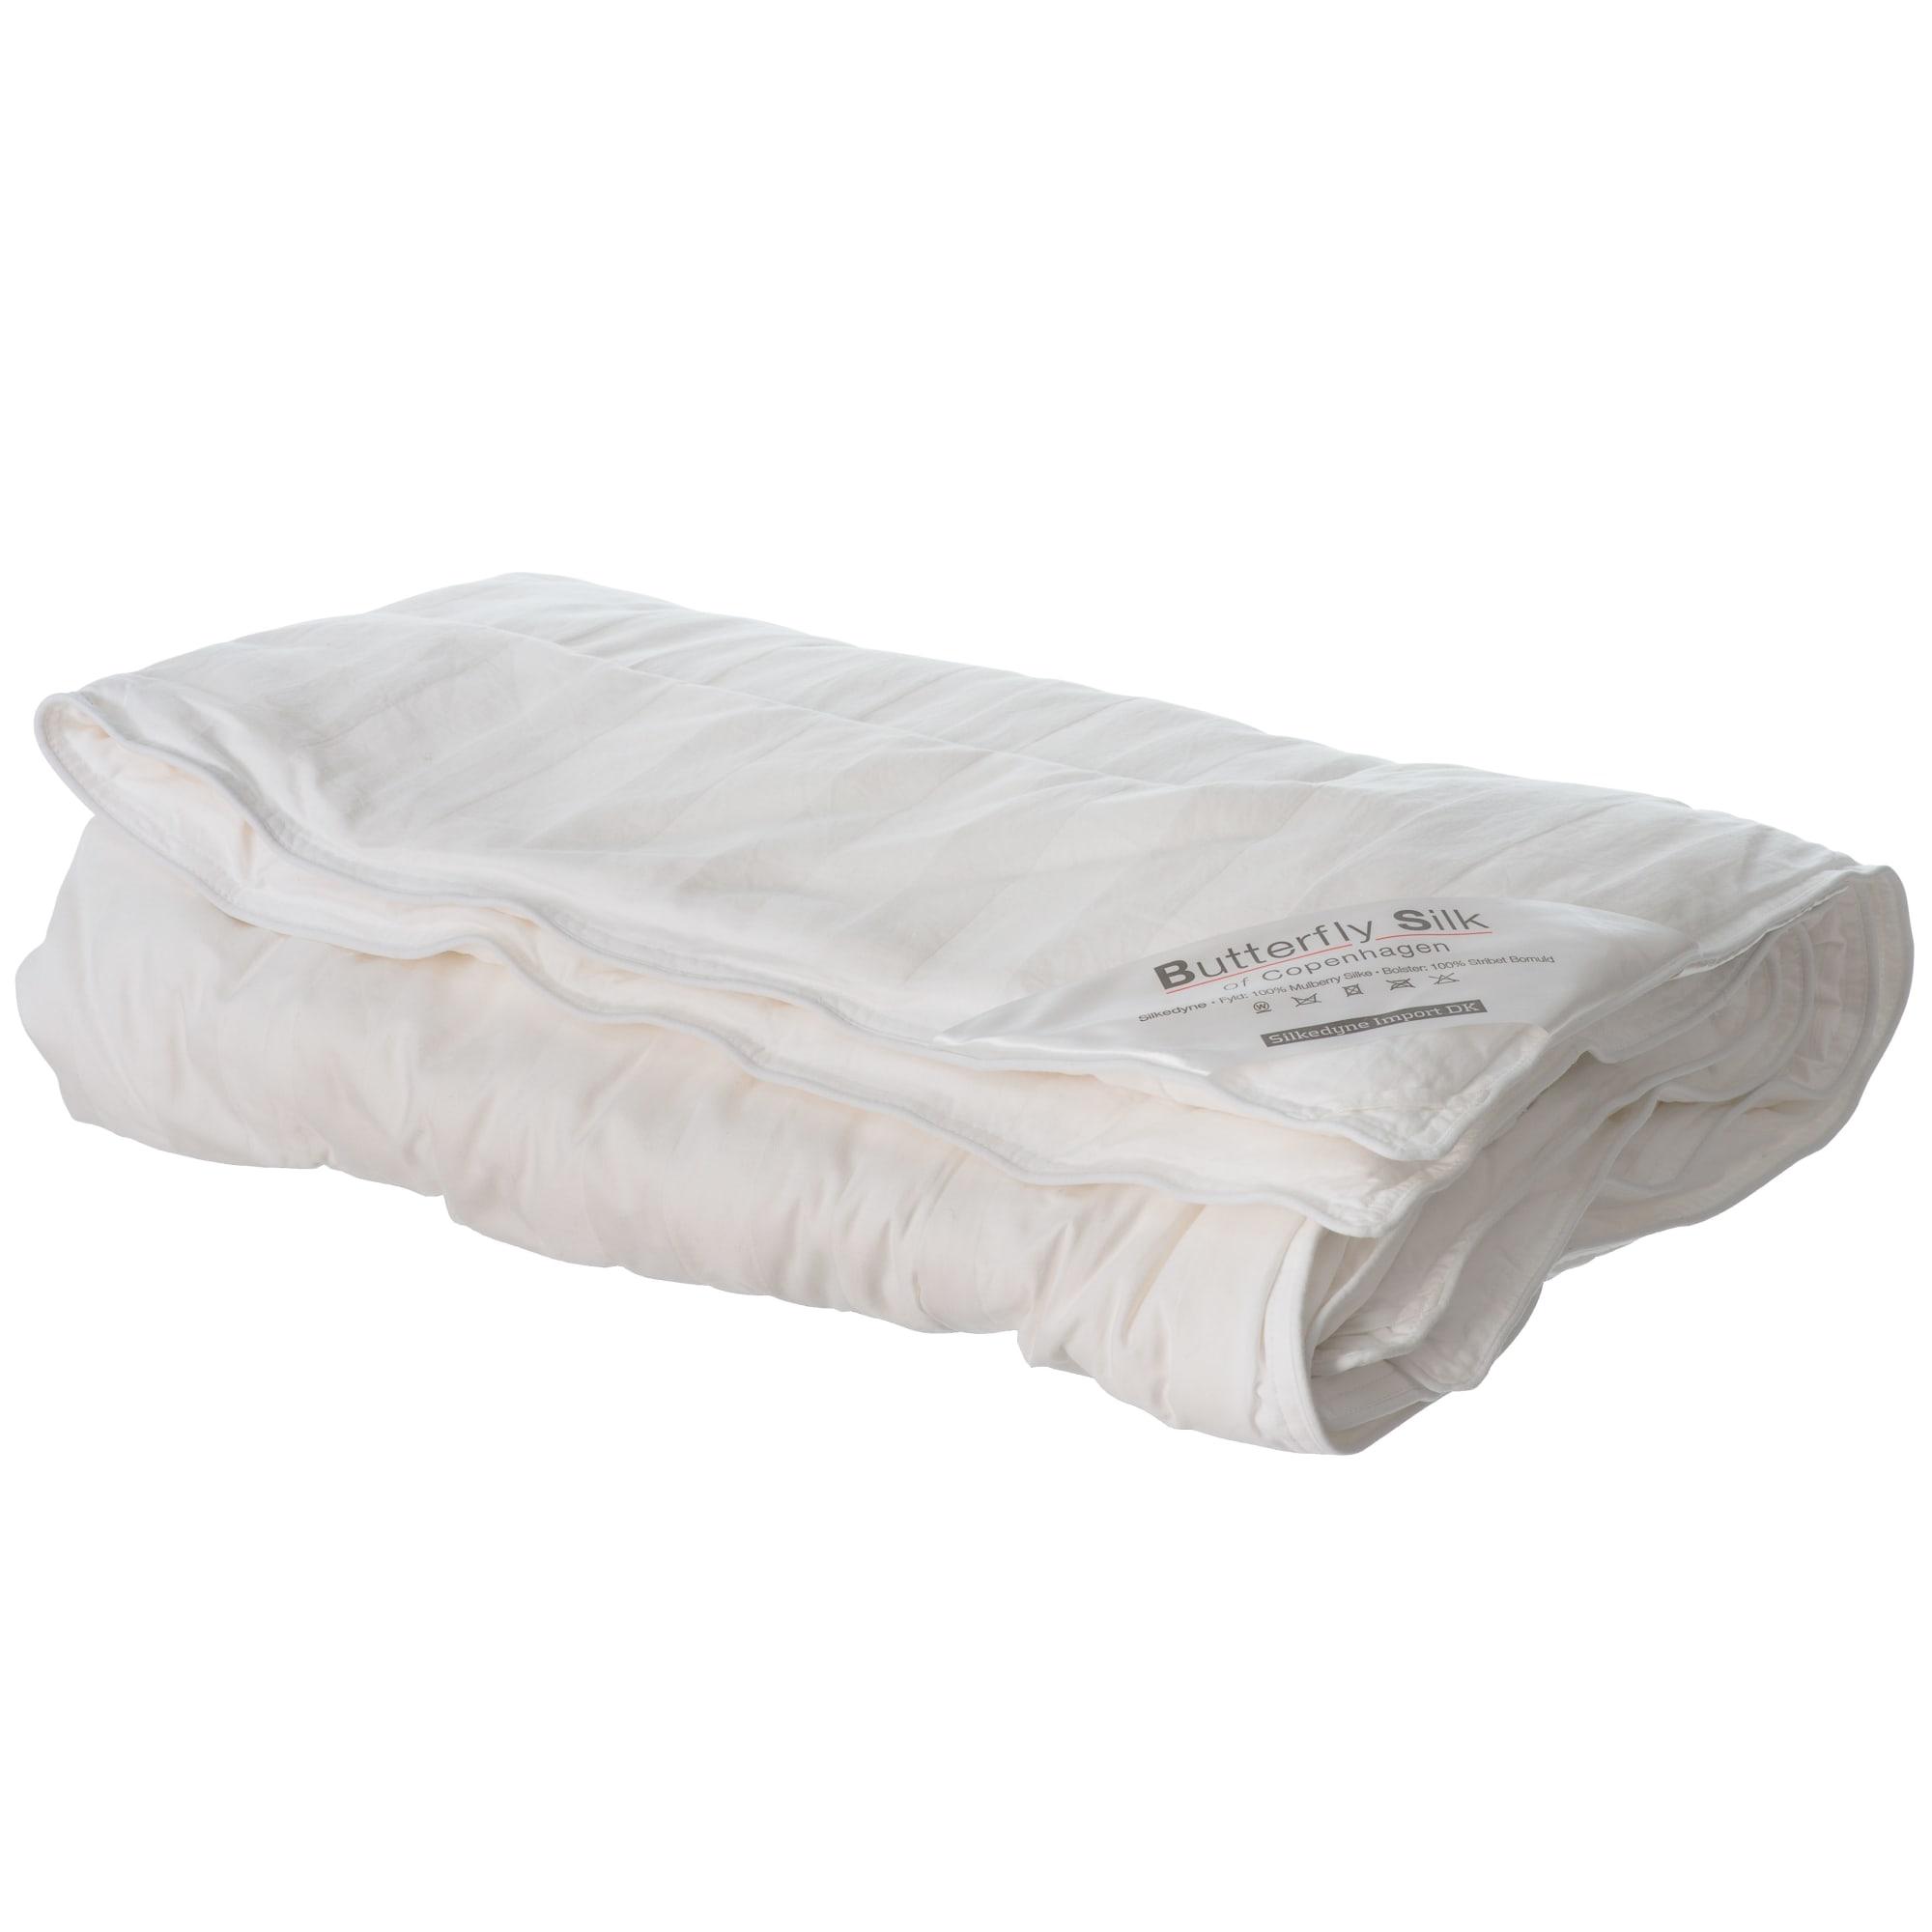 Silke - 100 x 140 cm - Oeko-Tex, temperaturregulerende og åndbar